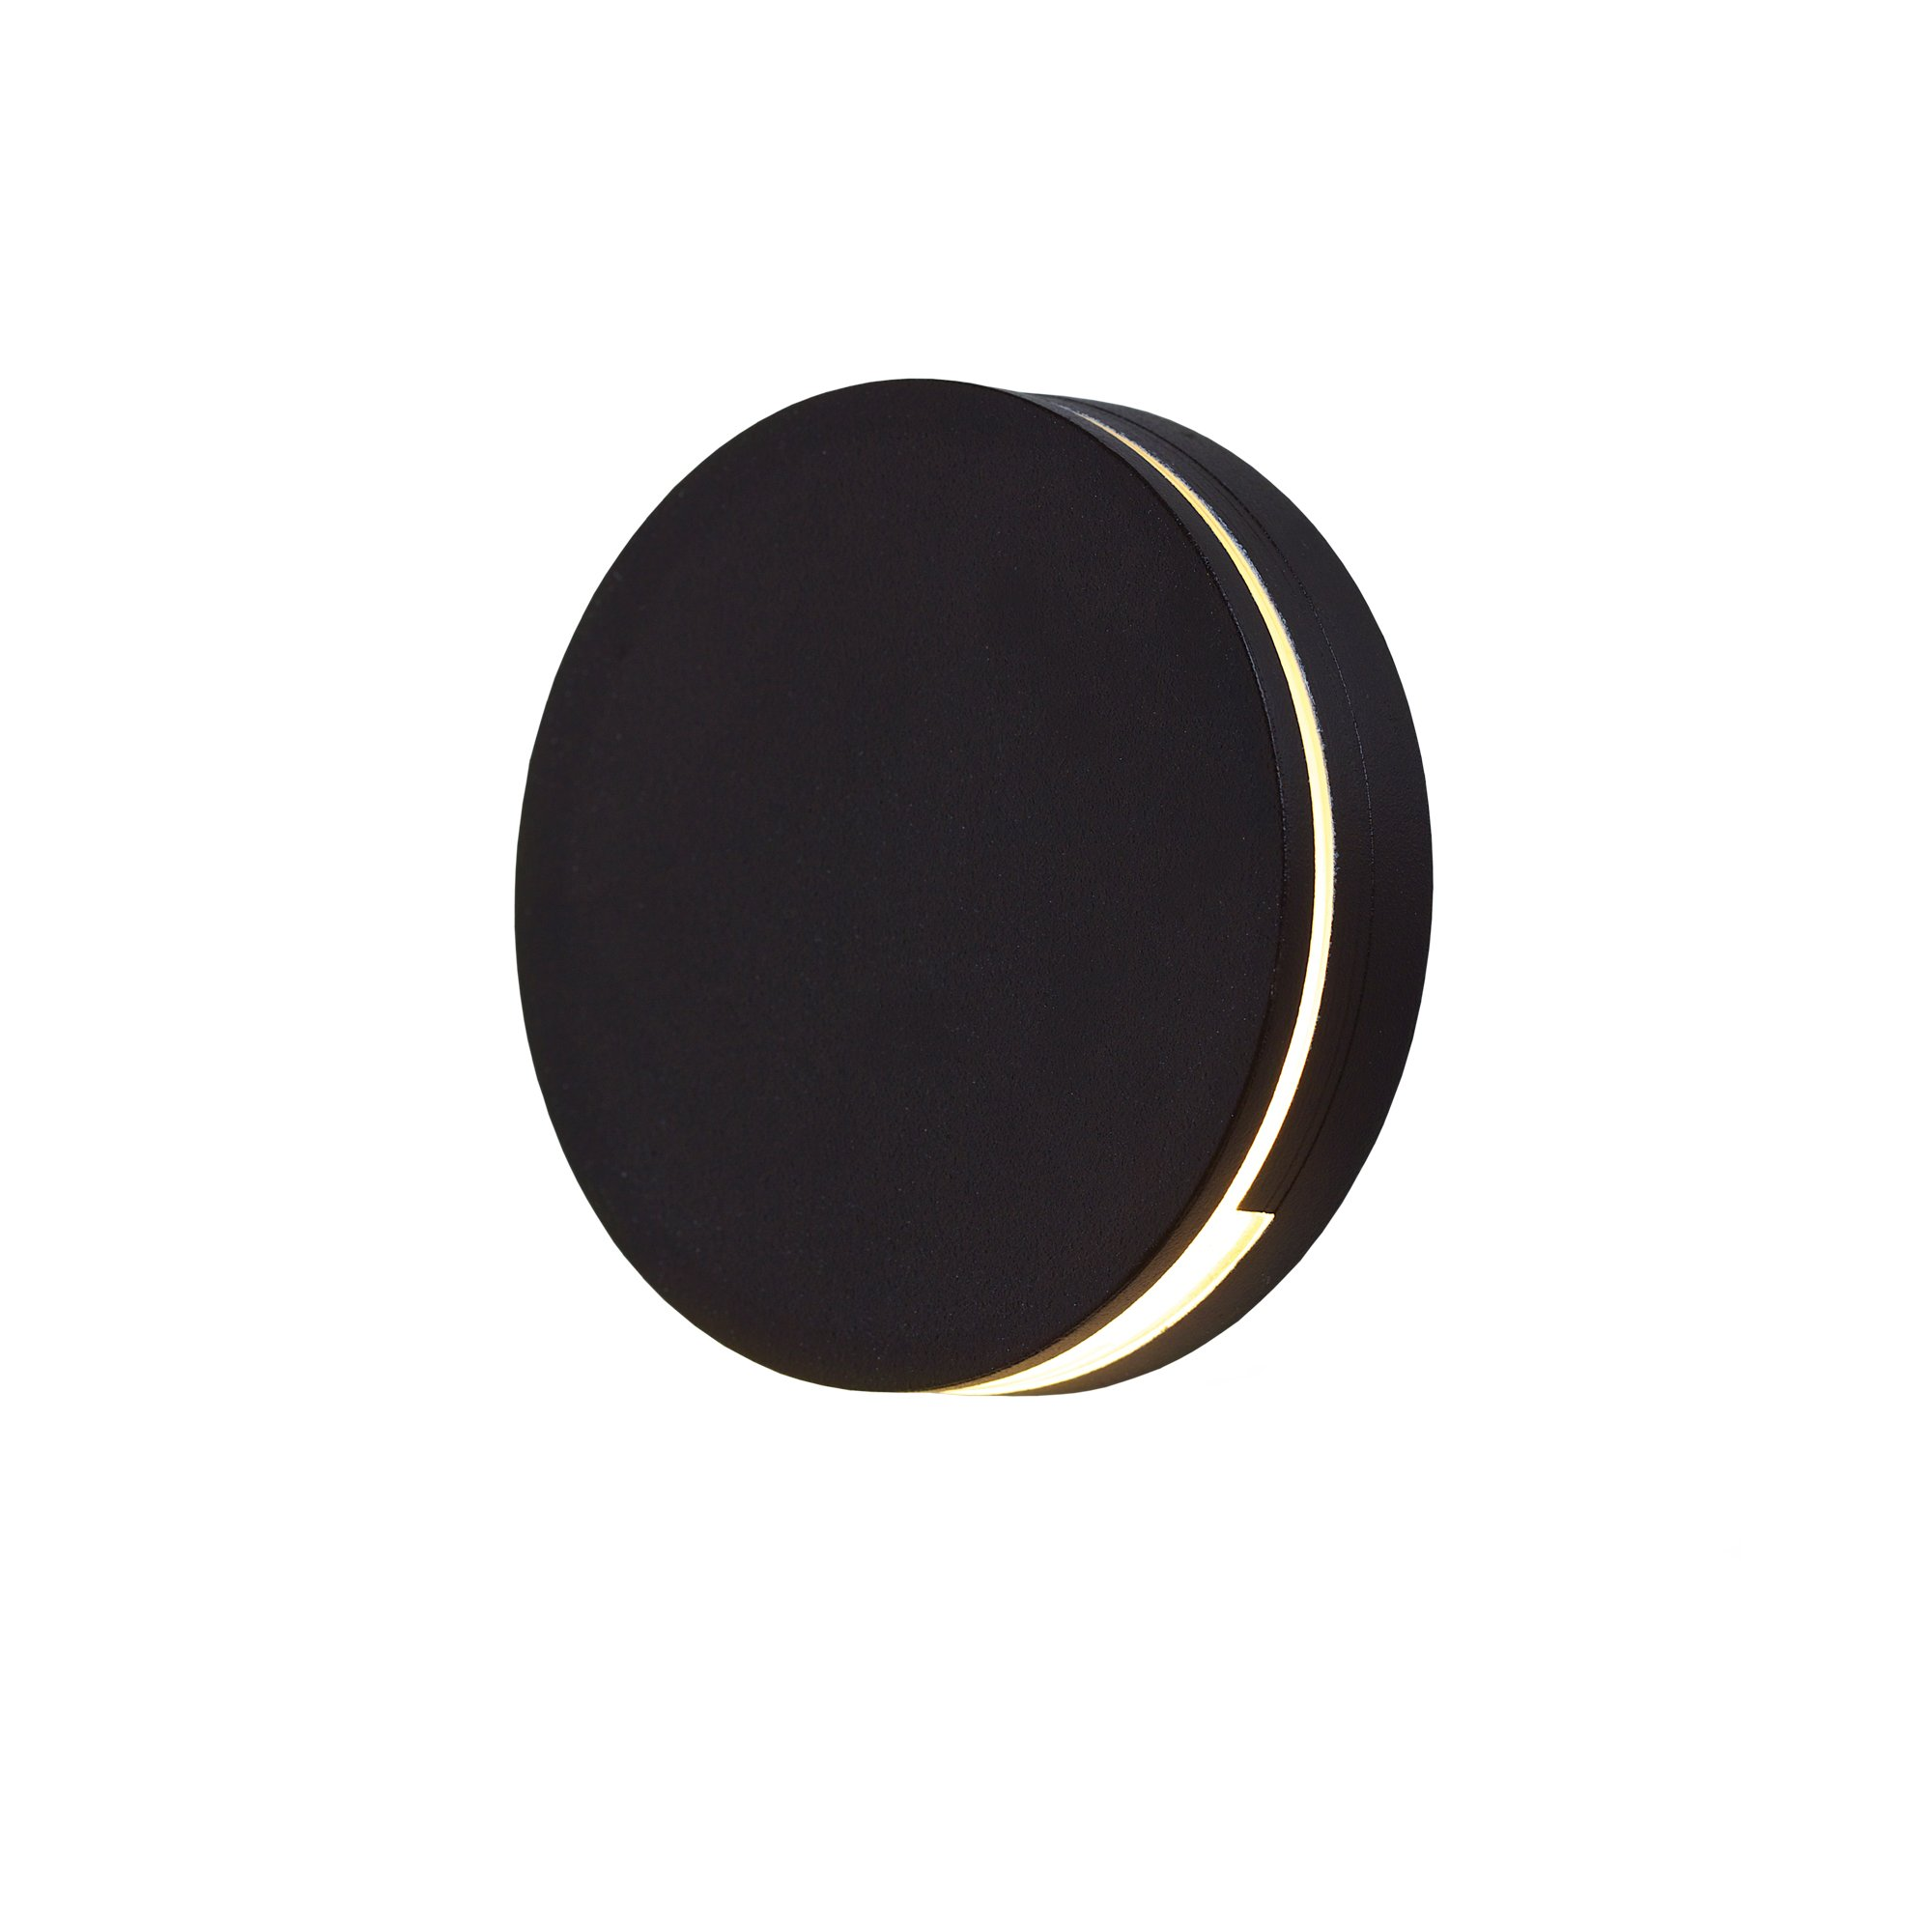 DALS Lighting LEDSTEP004D-BK 3'' Round Indoor/Outdoor LED Step Light 3'', Black